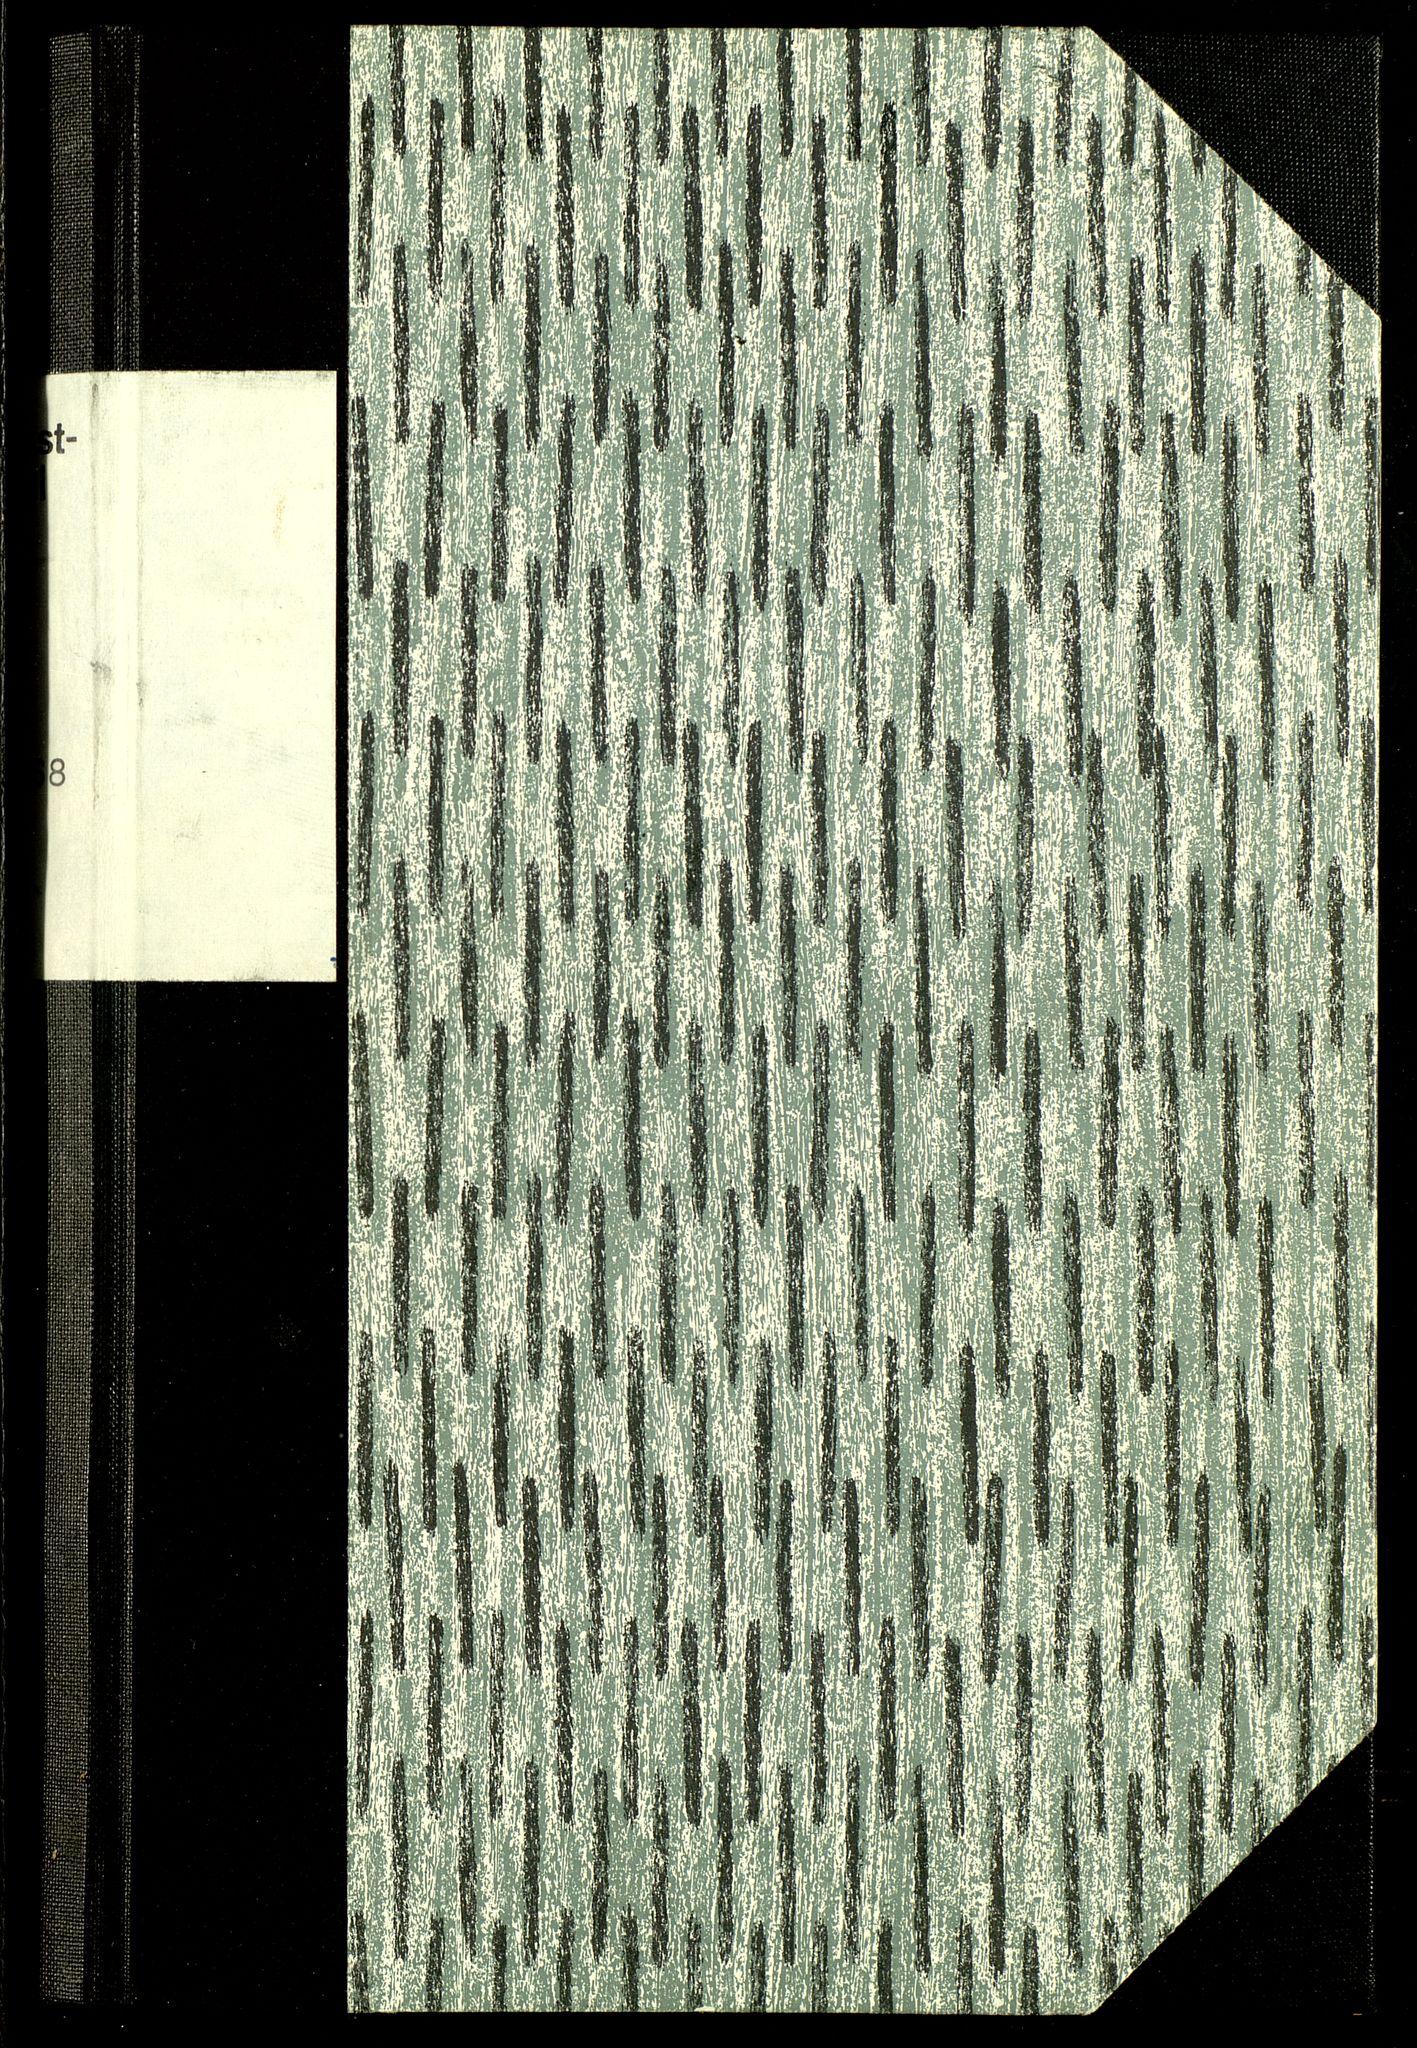 SAH, Norges Brannkasse, Hof, F/L0001: Branntakstprotokoll, 1846-1868